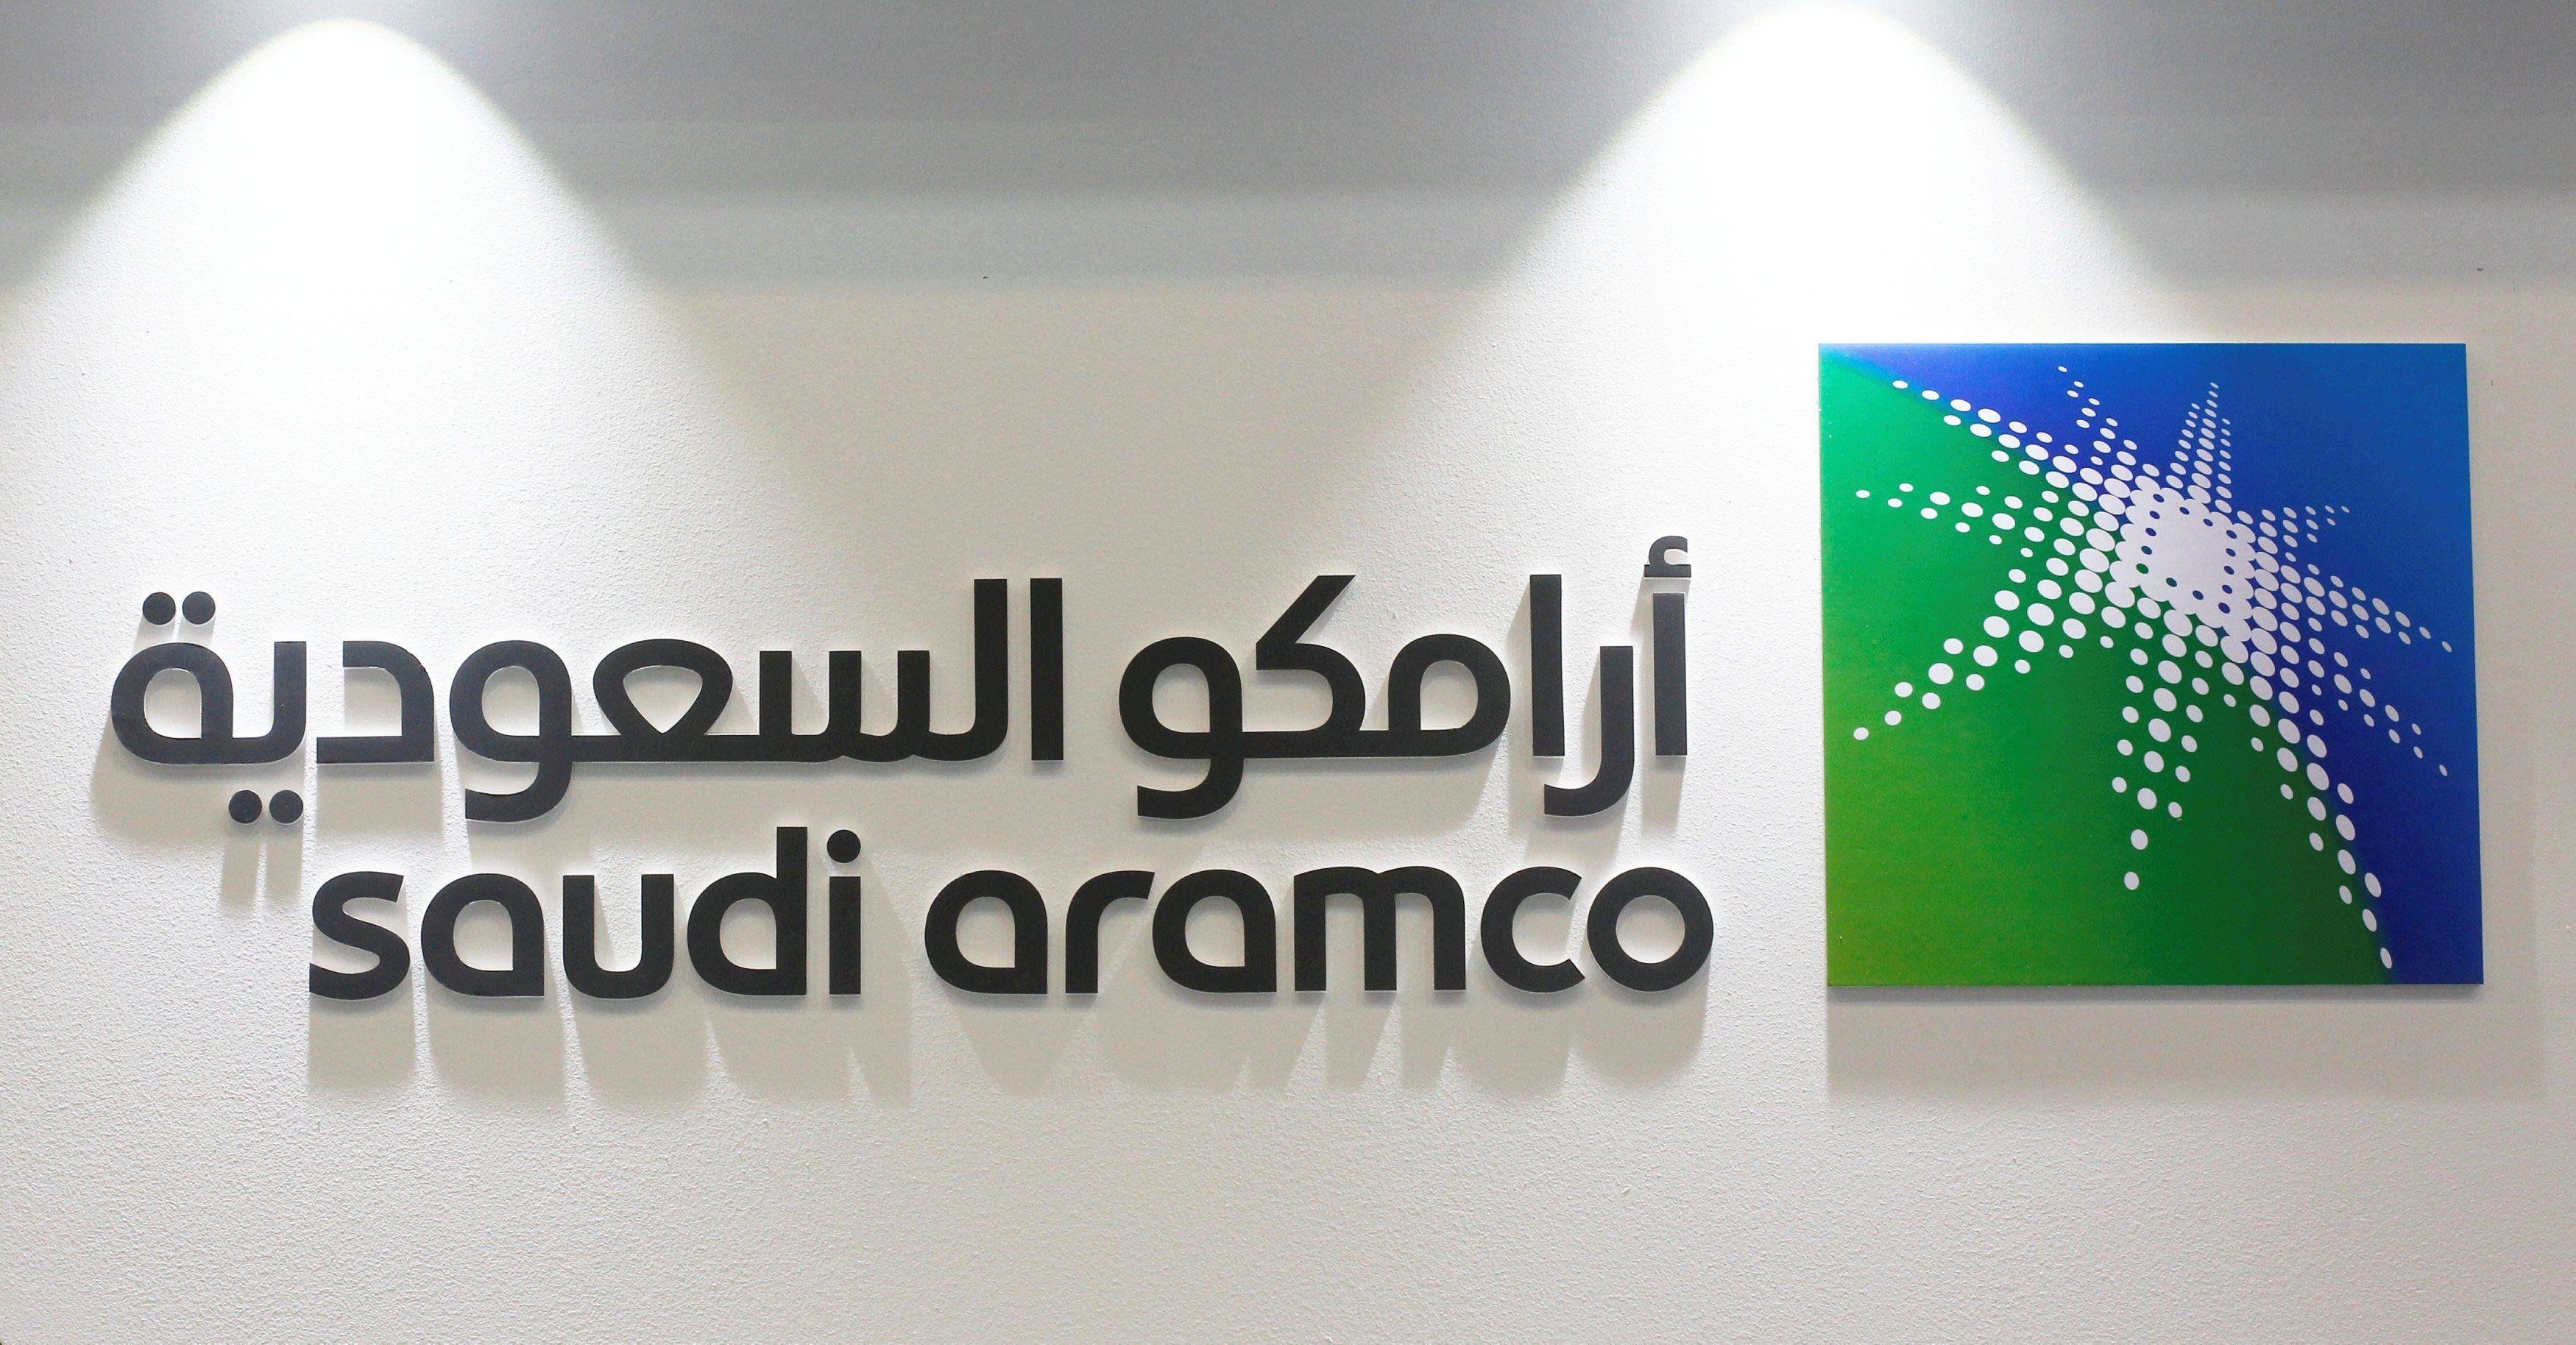 موسسه اعتبارسنجی فیتچ: آرامکو ، سودآورترین شرکت جهان